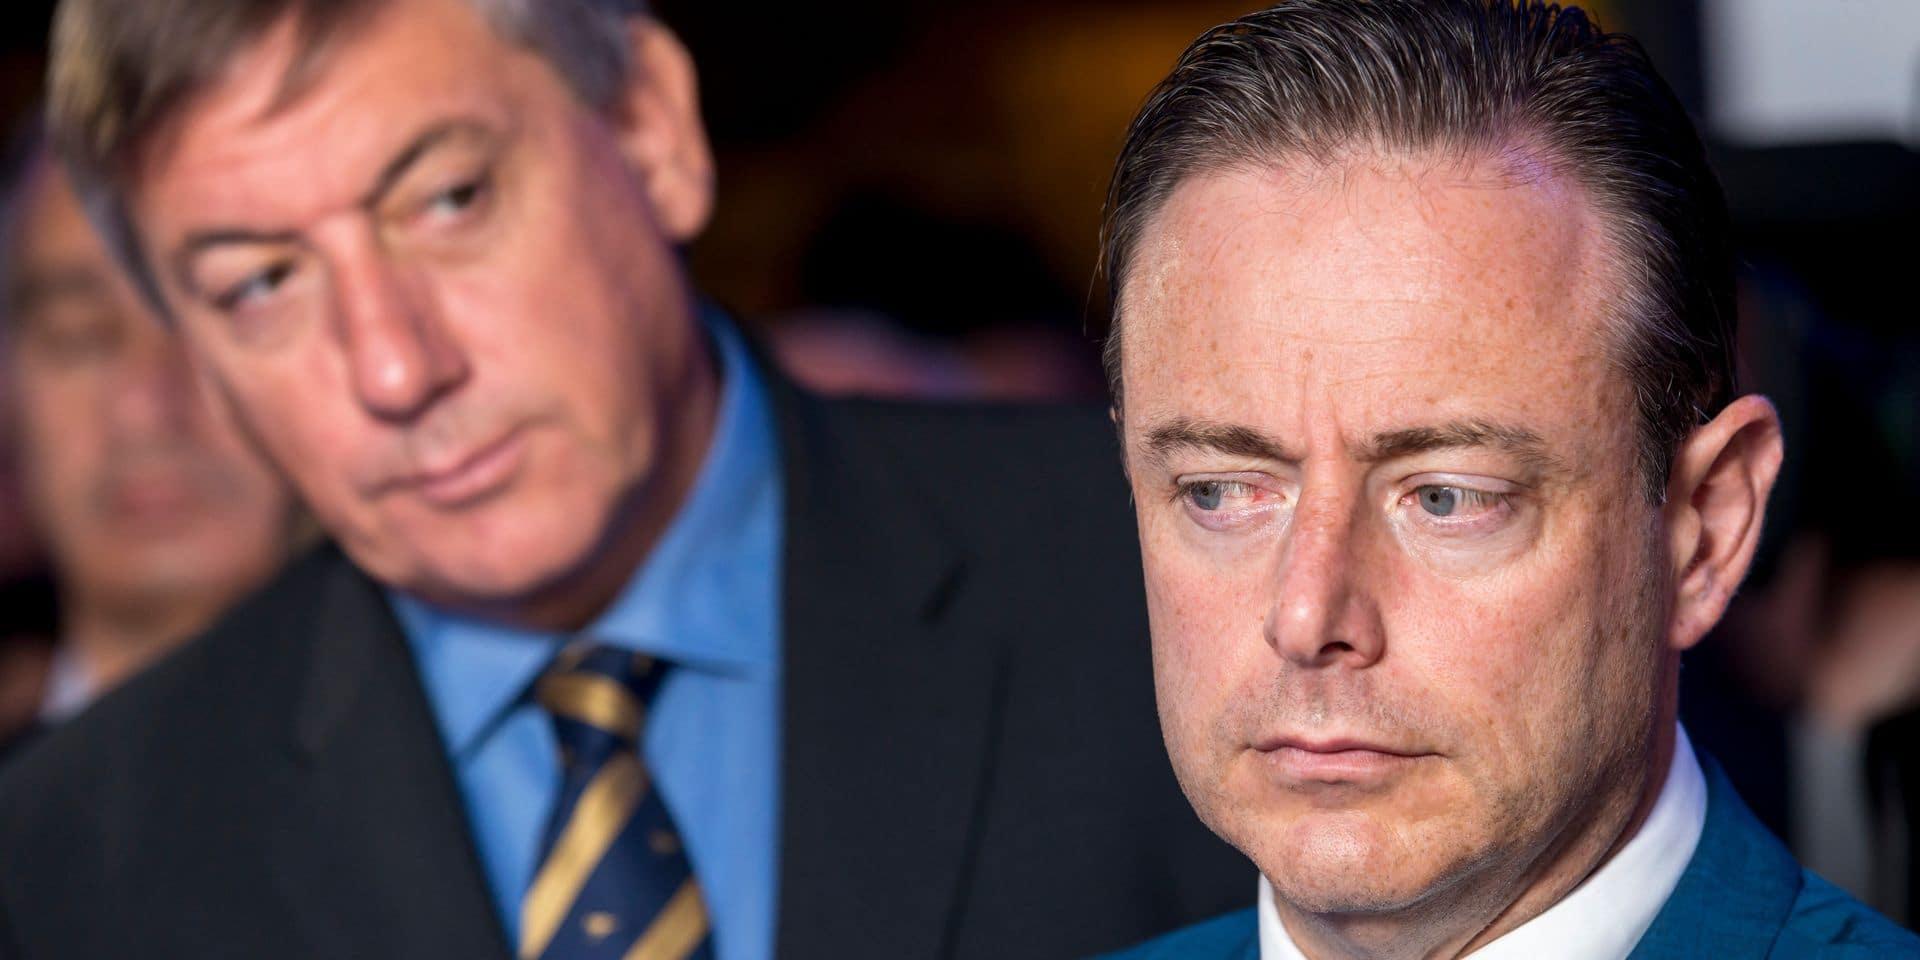 Pourquoi De Wever est tenté par une alliance avec les socialistes